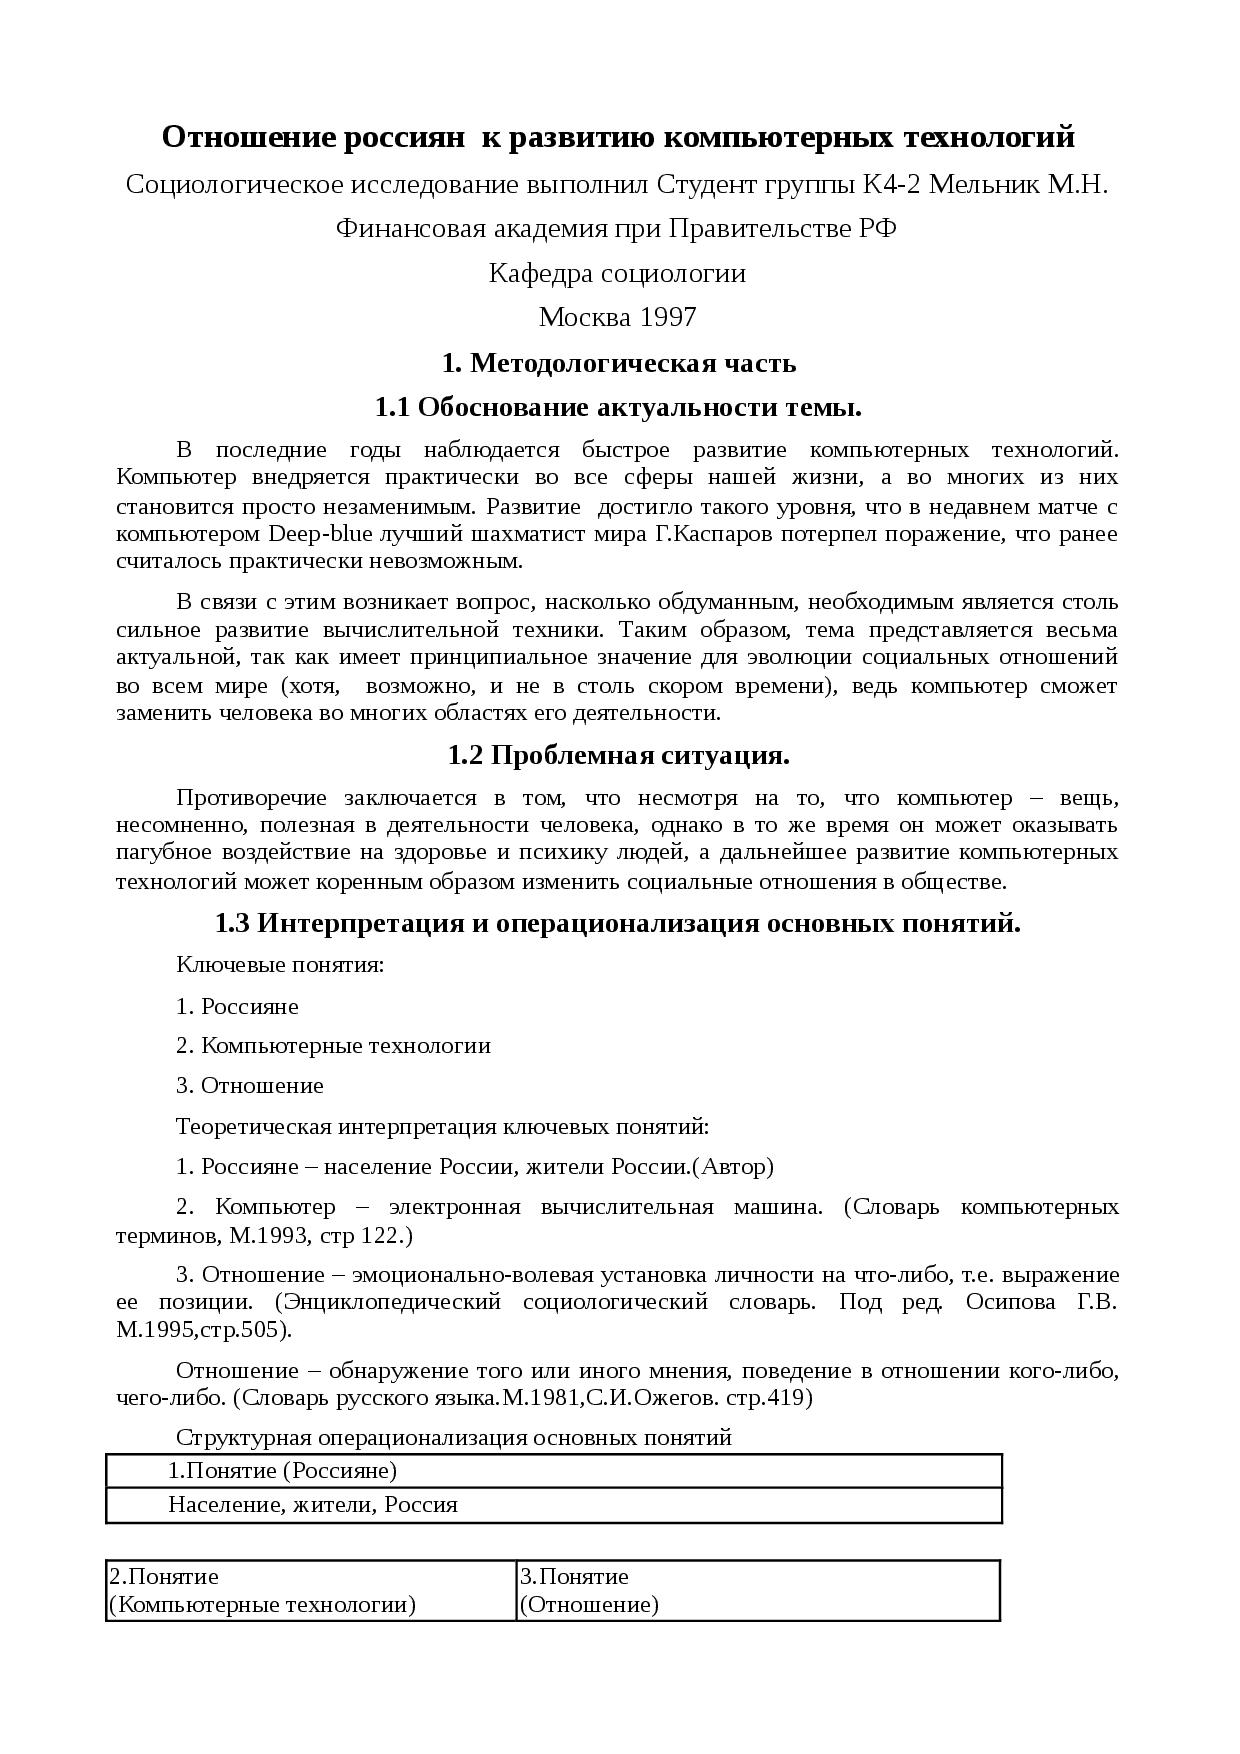 Обоснование. составление, написание. советы, рекомендации, инструкция